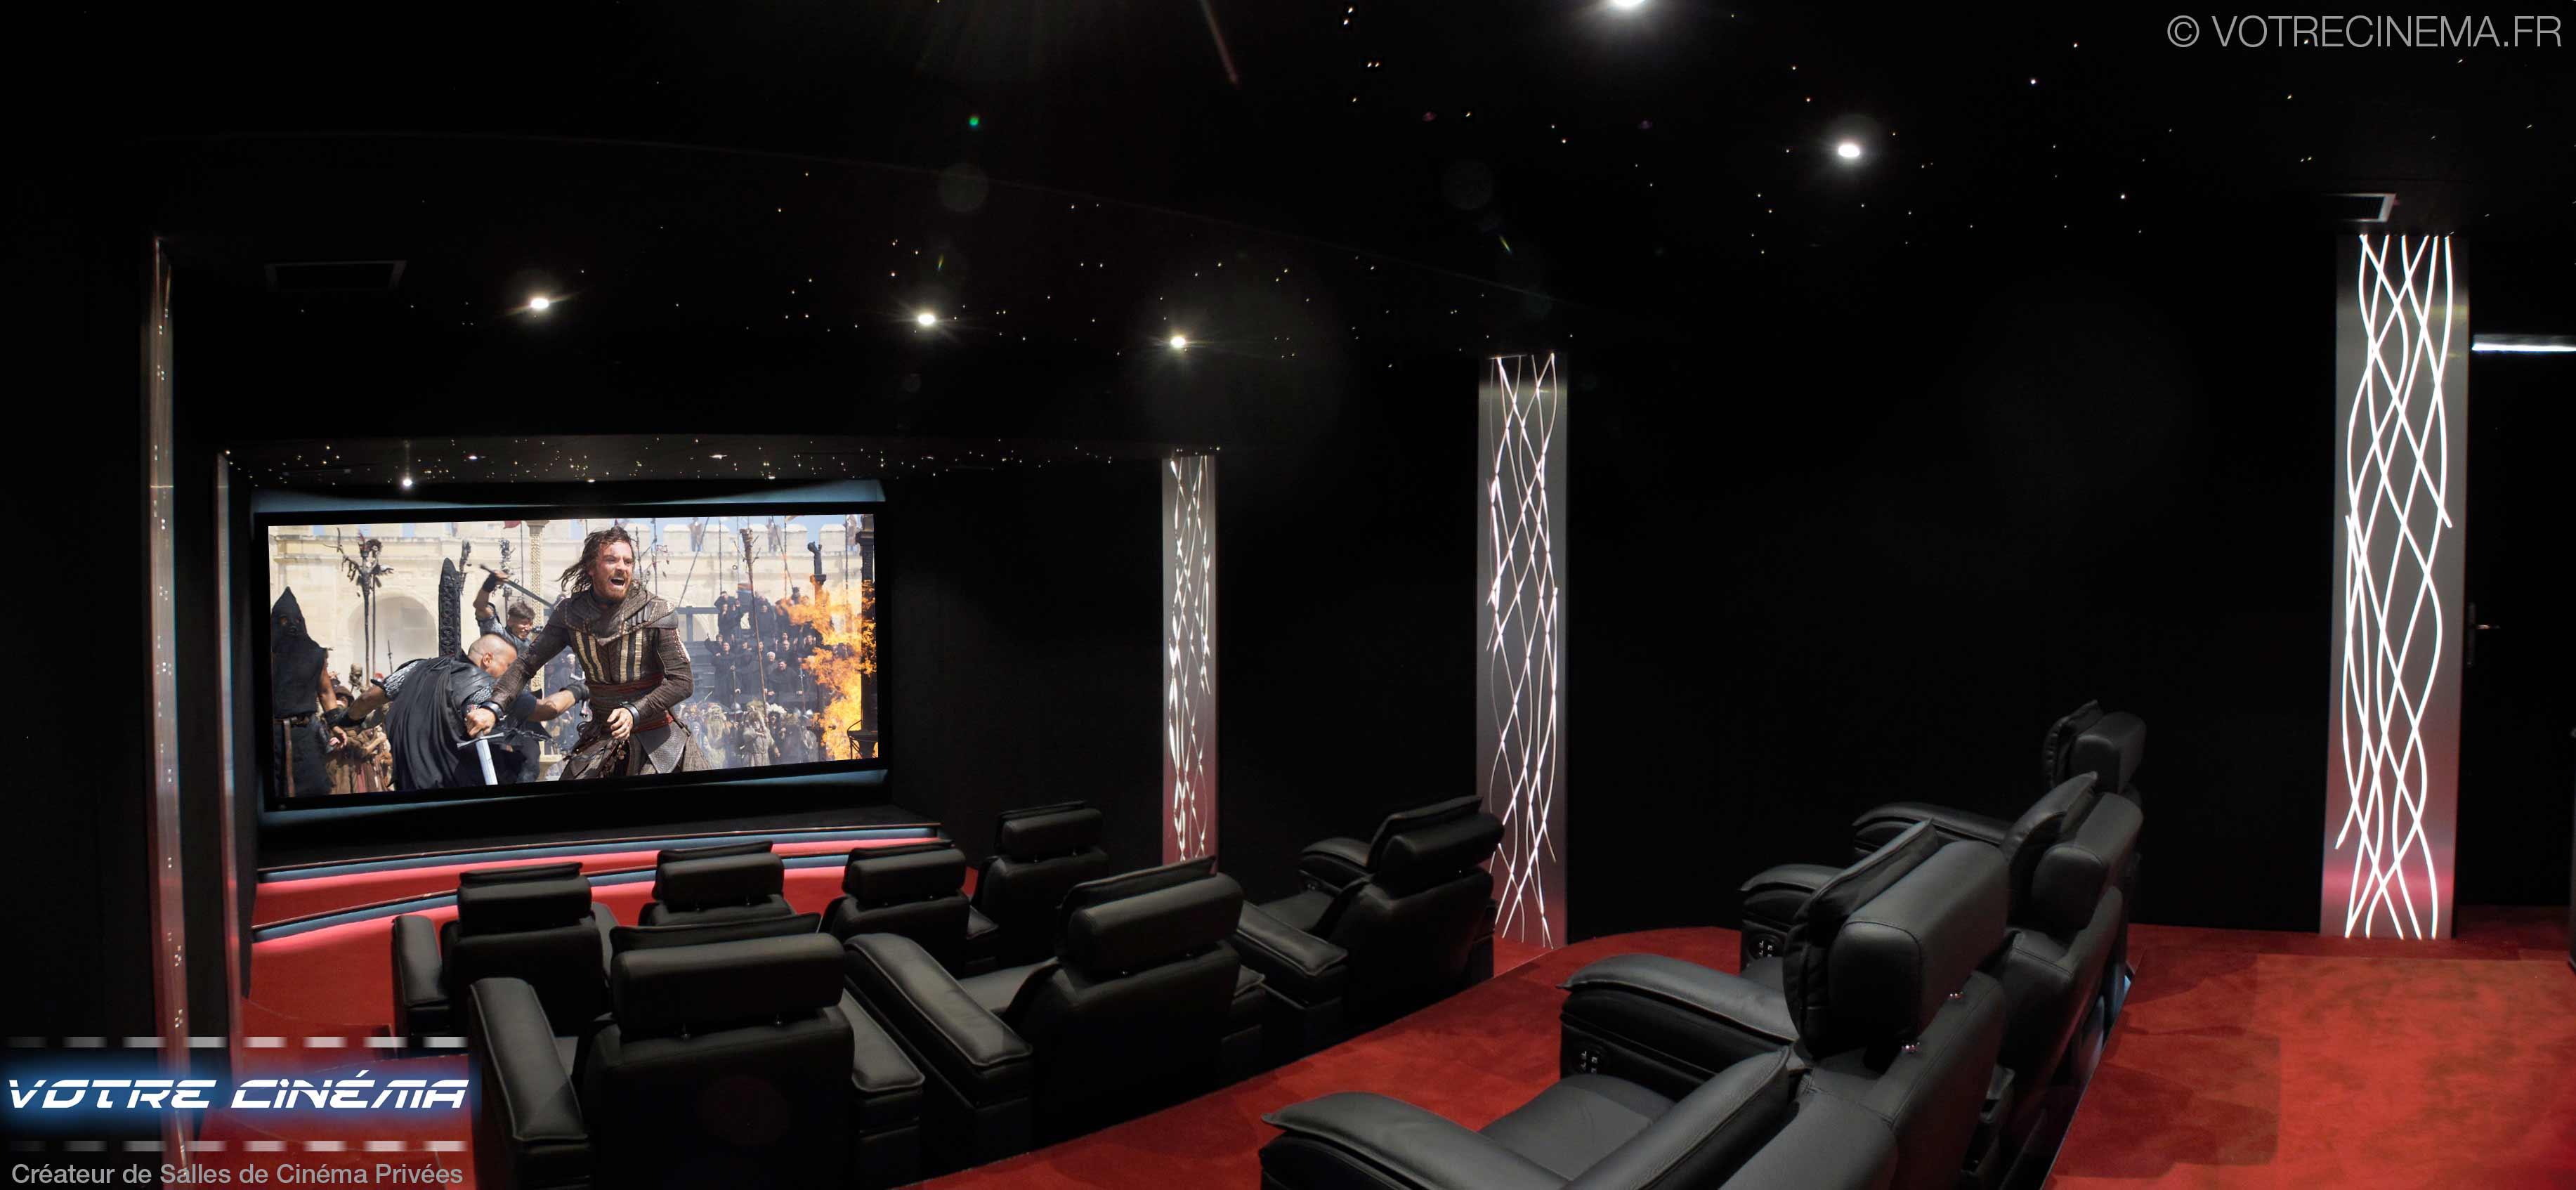 Salle home cinéma Abidjan Côte d'Ivoire